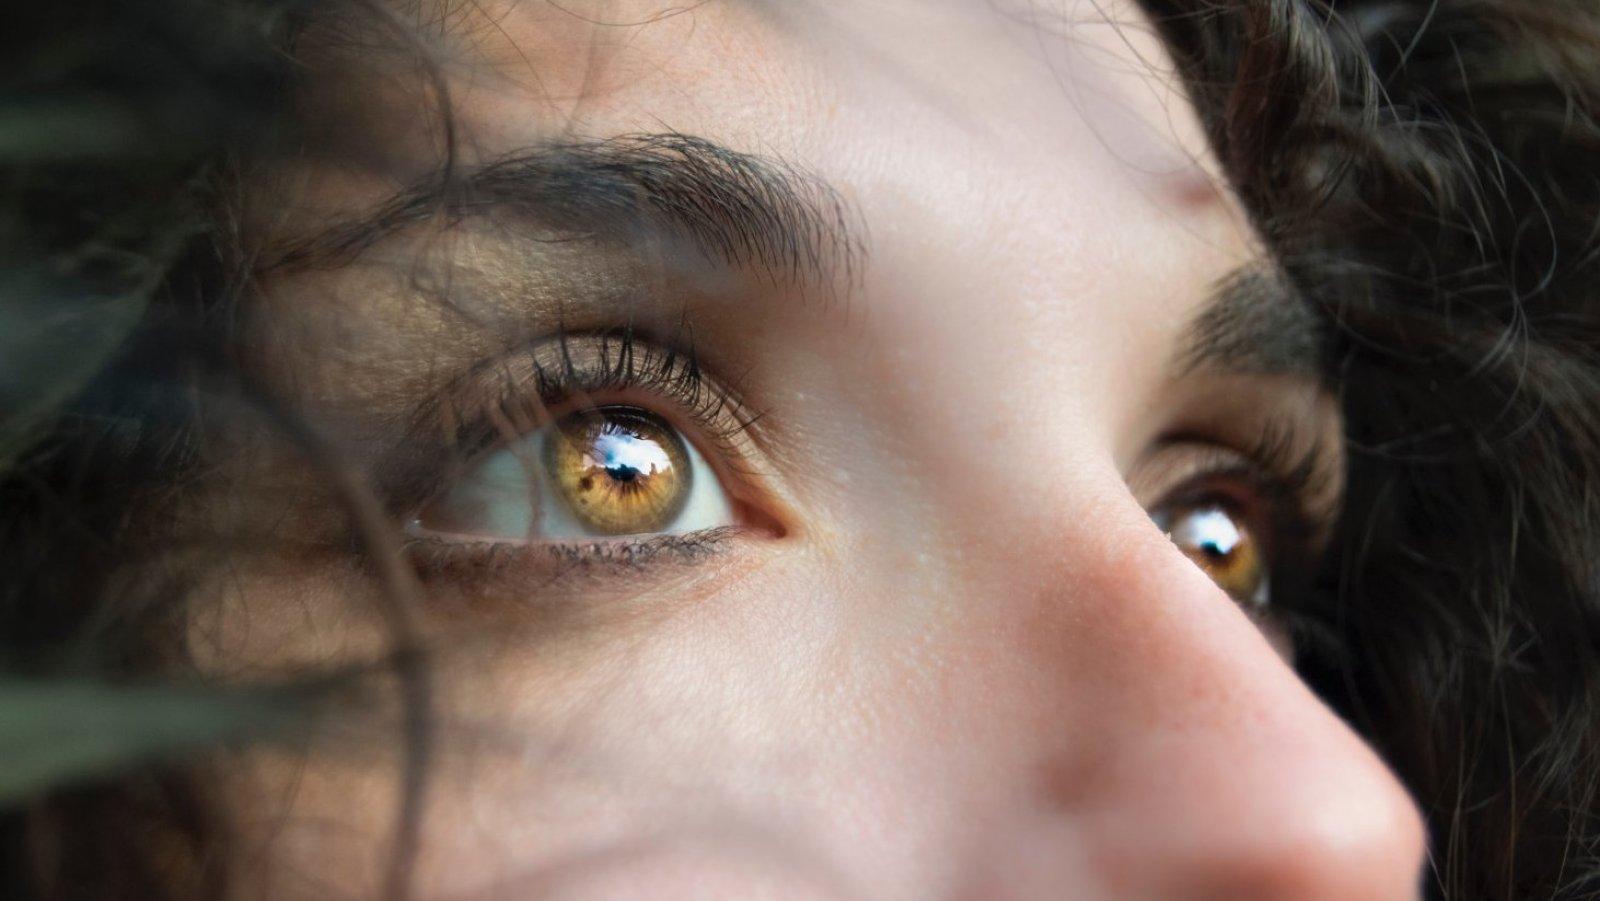 Algunos estudios sugieren que los rasgos de nuestros ojos hablan sobre nosotros.